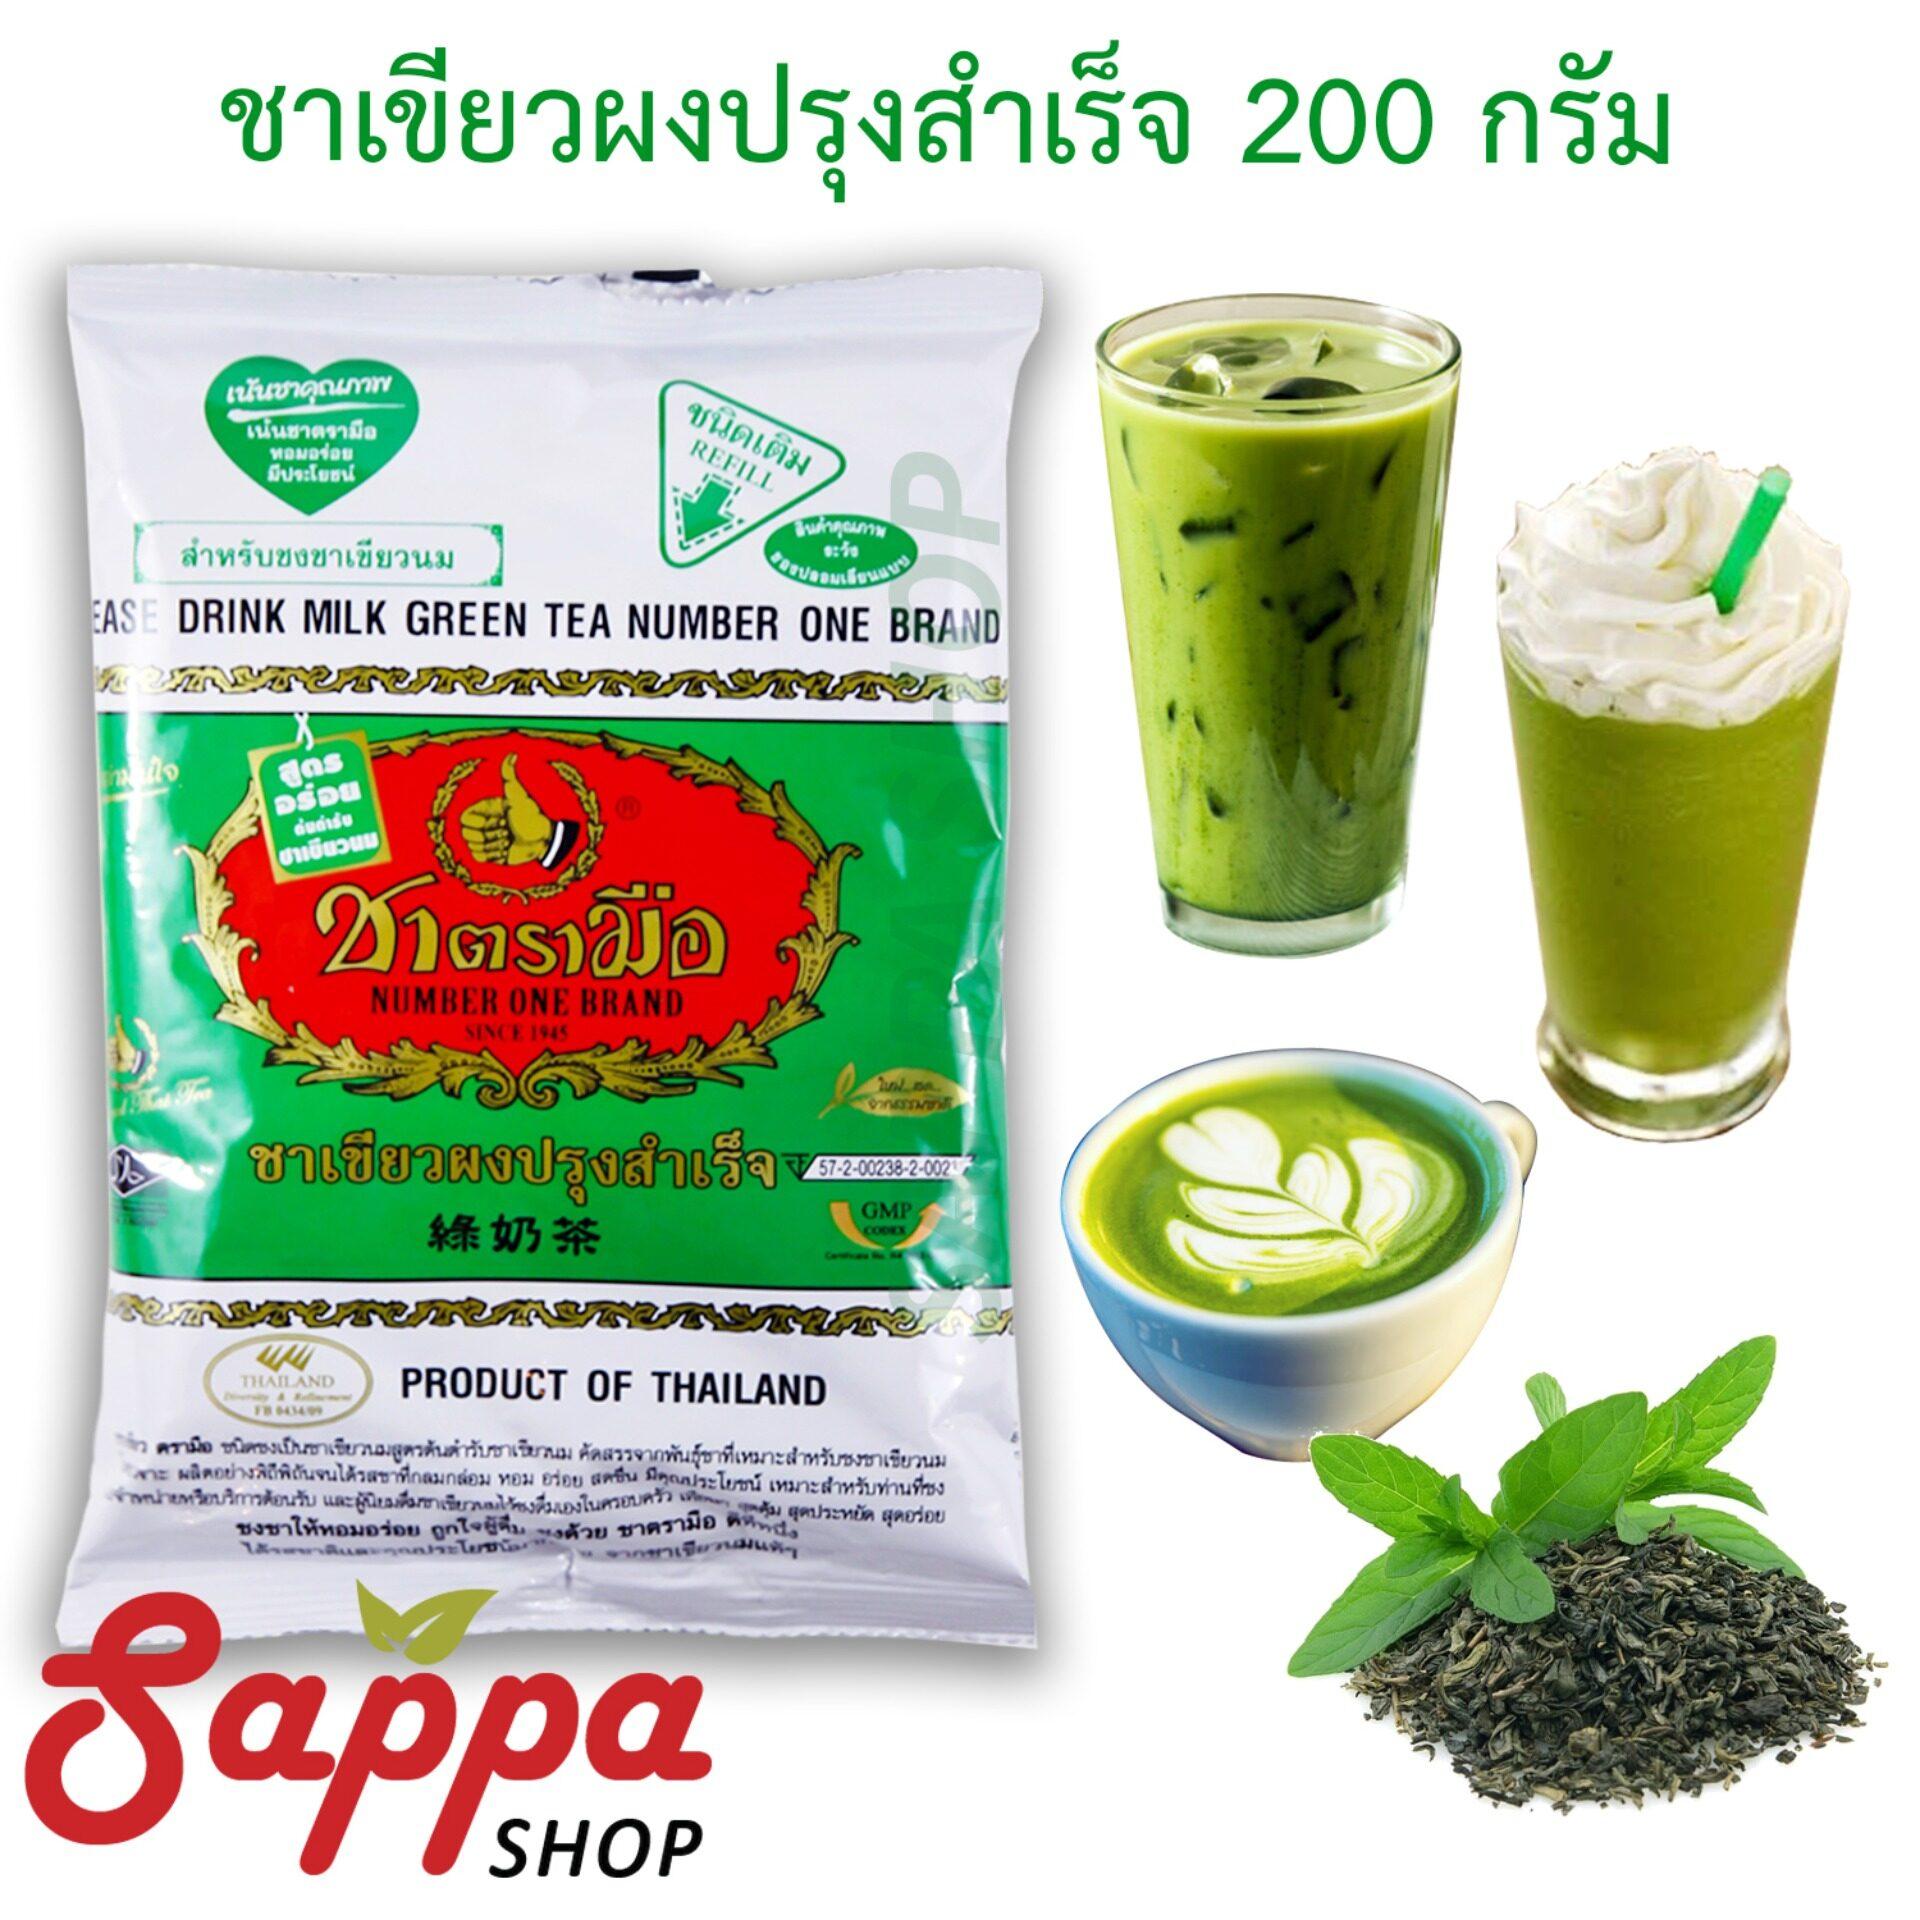 ชาเขียวตรามือ ชาเขียวผงปรุงสำเร็จ ตราชาตรามือ Milk Green Tea Mix 200 กรัม / ถุง.